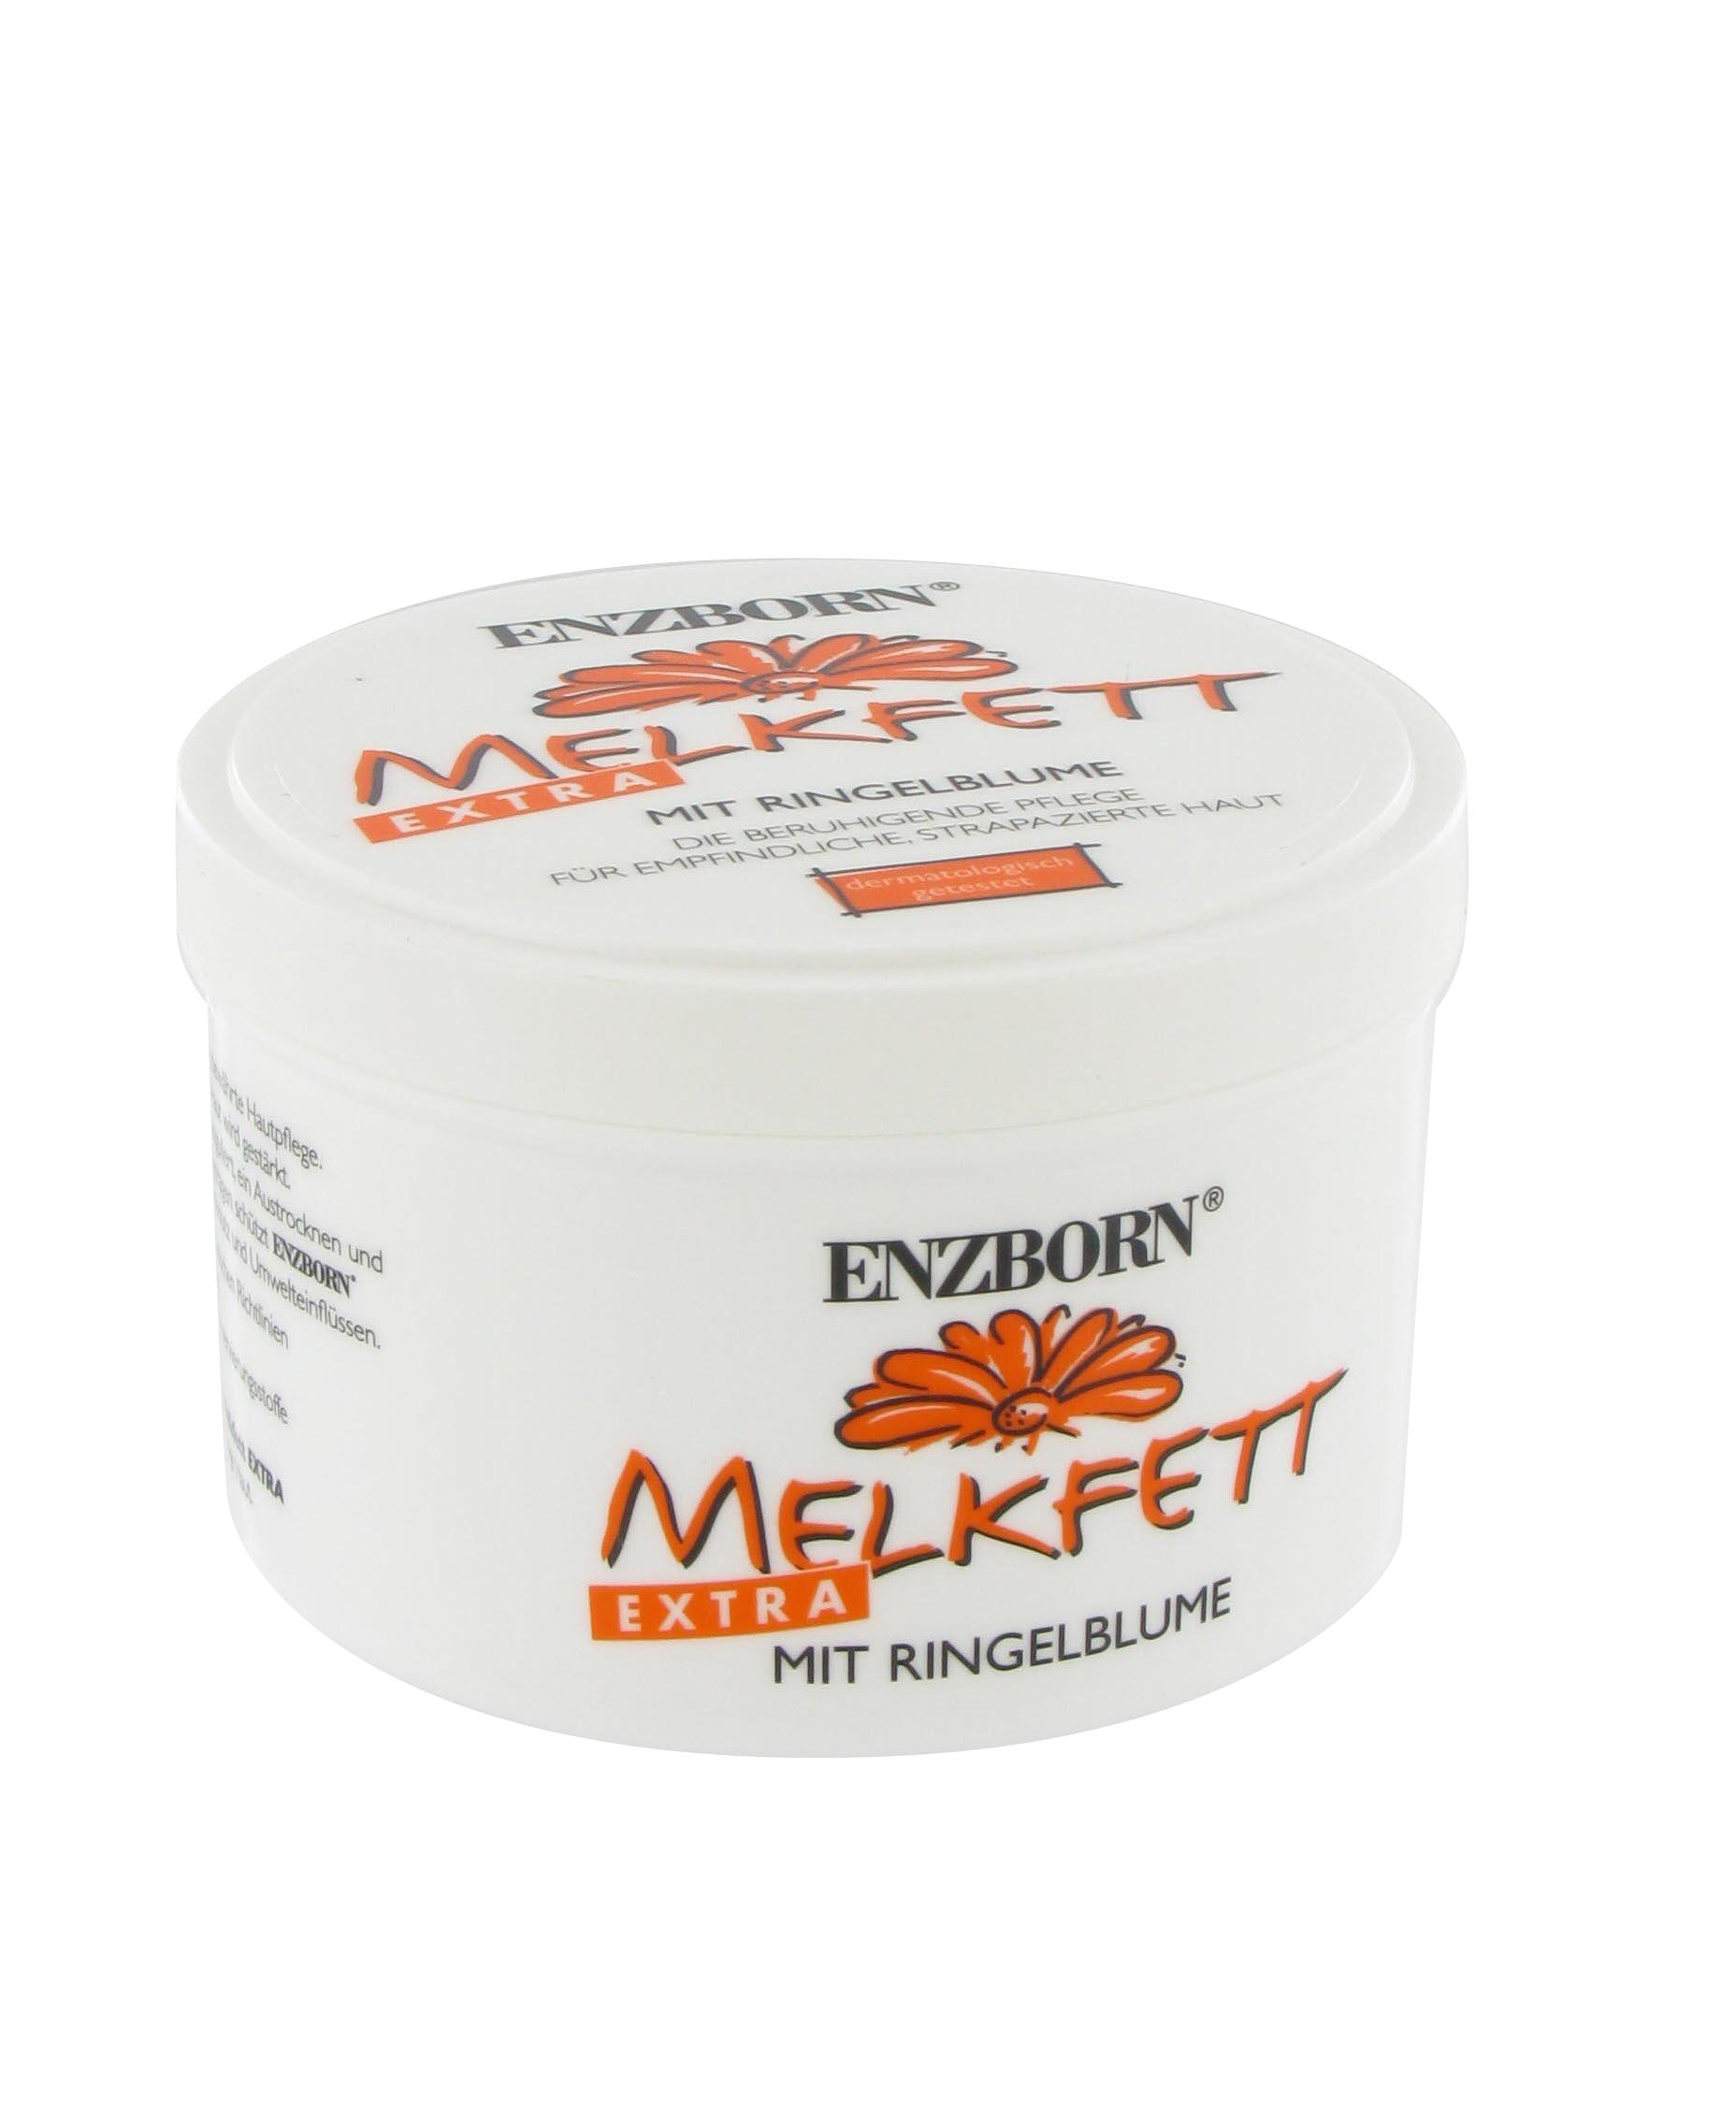 Melkfett extra mit Ringelblume (250ml)